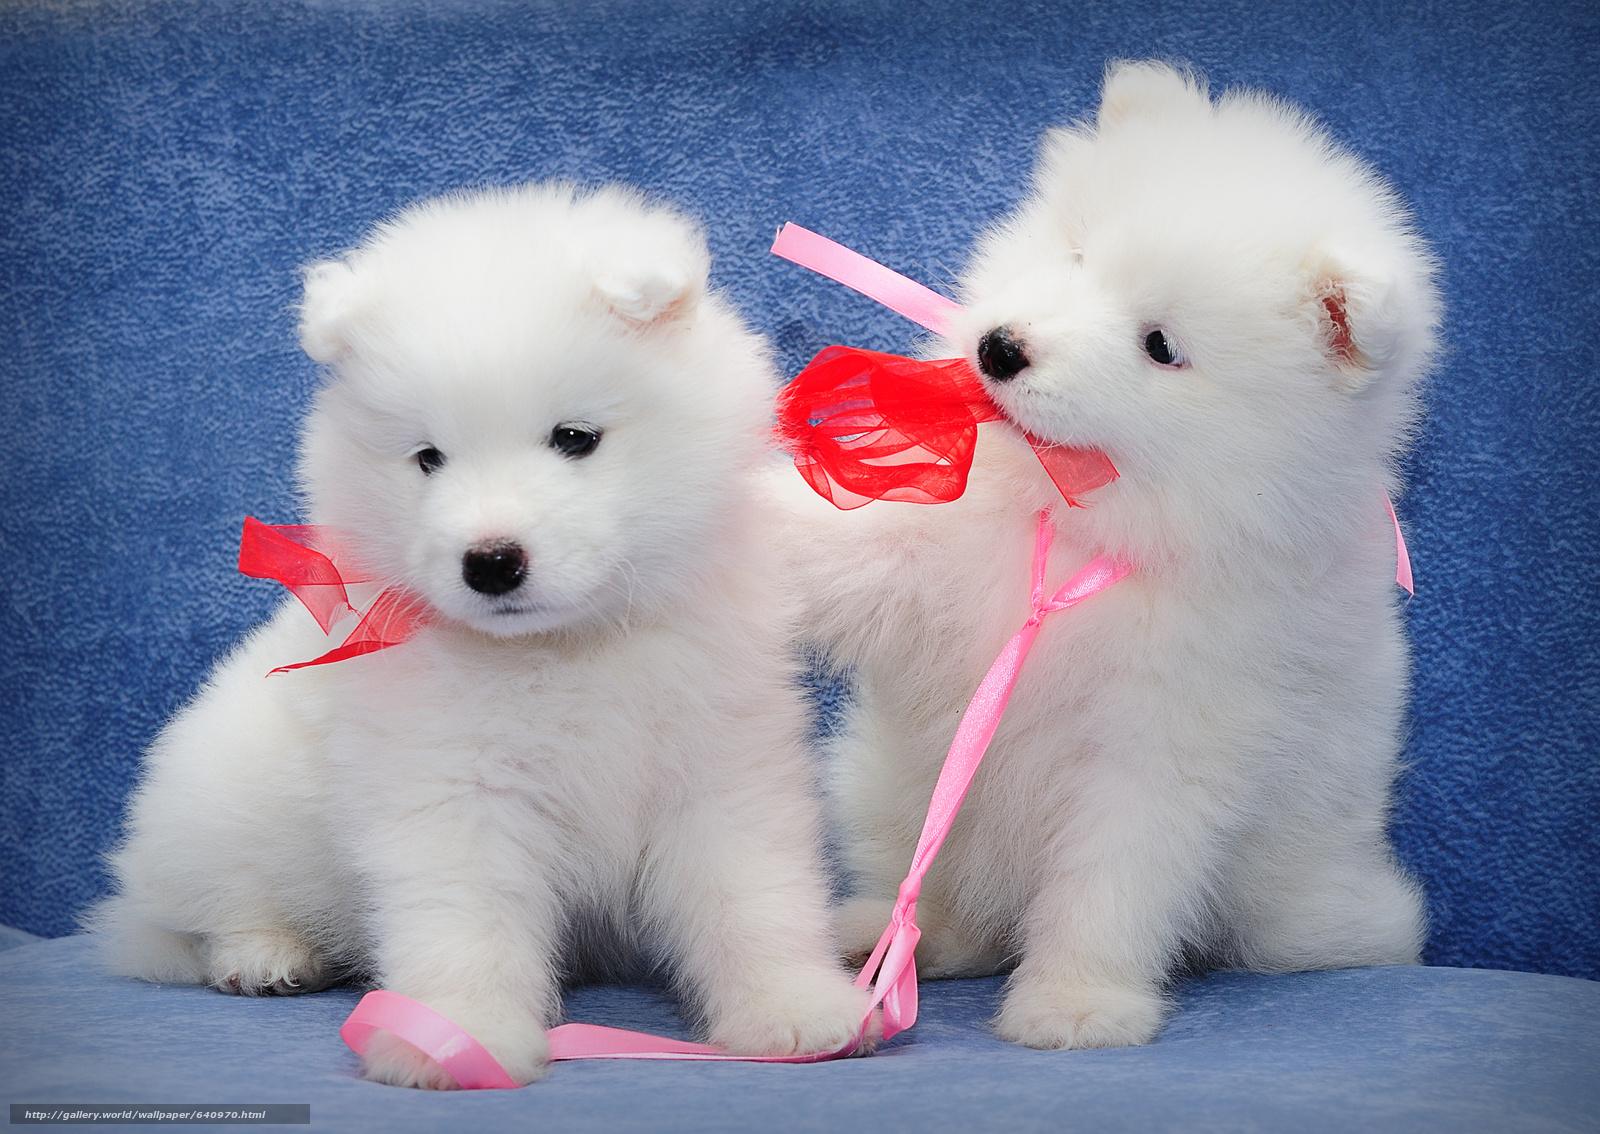 Скачать обои самоед,  щенки,  собаки,  малыши бесплатно для рабочего стола в разрешении 3351x2376 — картинка №640970